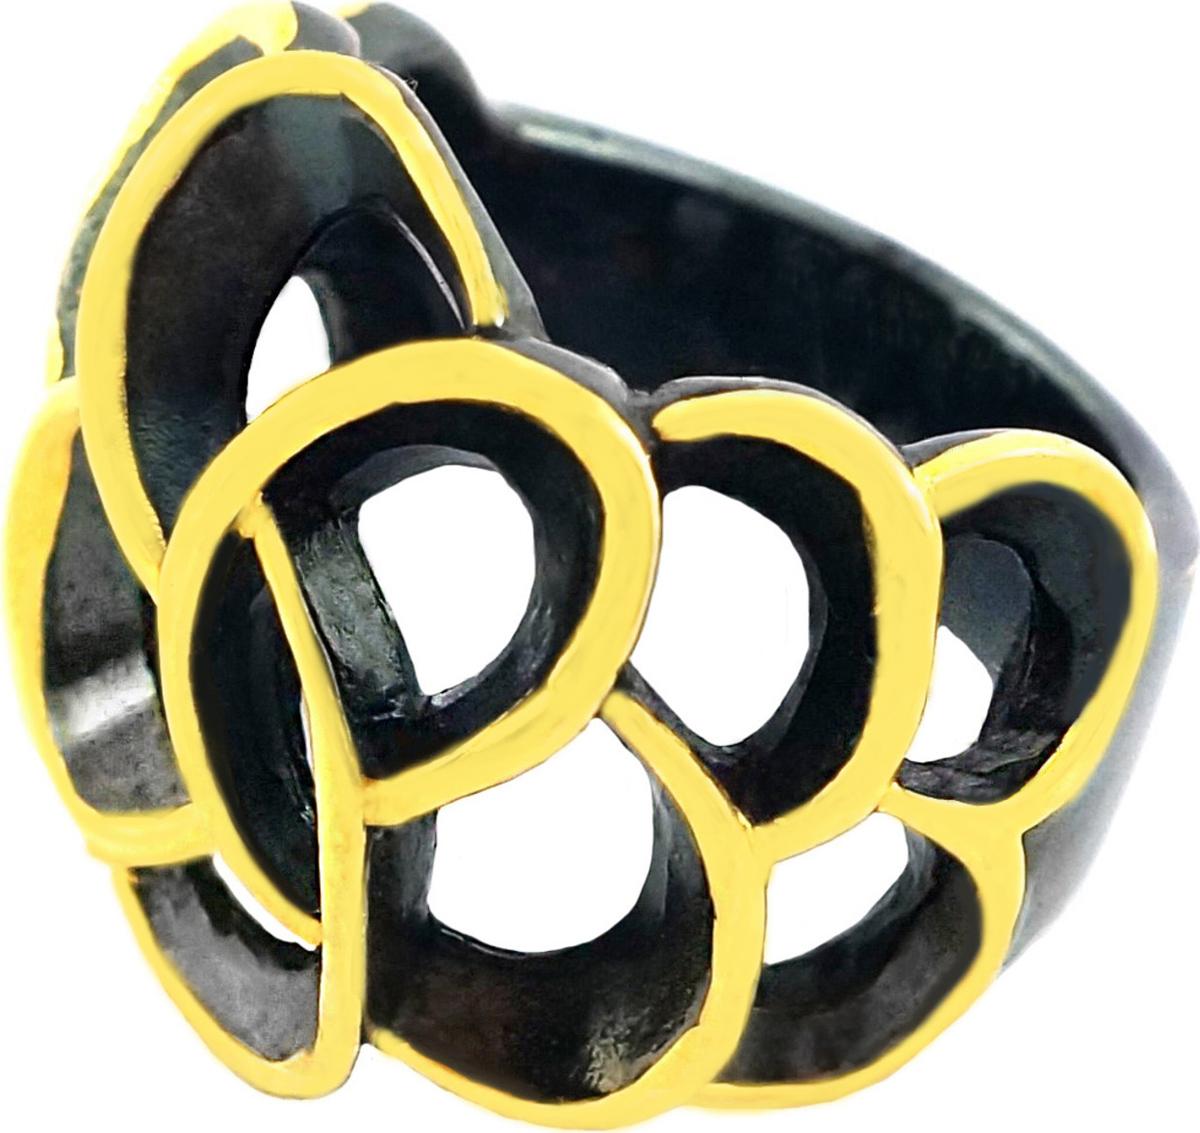 Кольцо Диадема, серебро 925, 16,75, 01RG6415KСереброЭффектное кольцо выполнено из серебра с покрытием черным родием и позолотой. Необычный дизайн не может остаться не замеченным. Удобно сидит на руке. • Не замеряйте замерзшие пальцы, в этот момент их размер отличается от обычного. Для точного определения размера, замеряйте ваш палец в конце дня, когда его размер является наибольшим. • Определите, размер какого пальца вам необходимо узнать. Помолвочные и обручальные кольца принято носить на безымянном пальце правой руки. • Если вам подходят два размера, стоит выбрать больший. • Если сустав шире самого пальца – измеряйте диаметр сустава. • Если вы хотите приобрести кольцо с ободком шире 4 мм, его размер должен быть примерно на полразмера больше обычного.